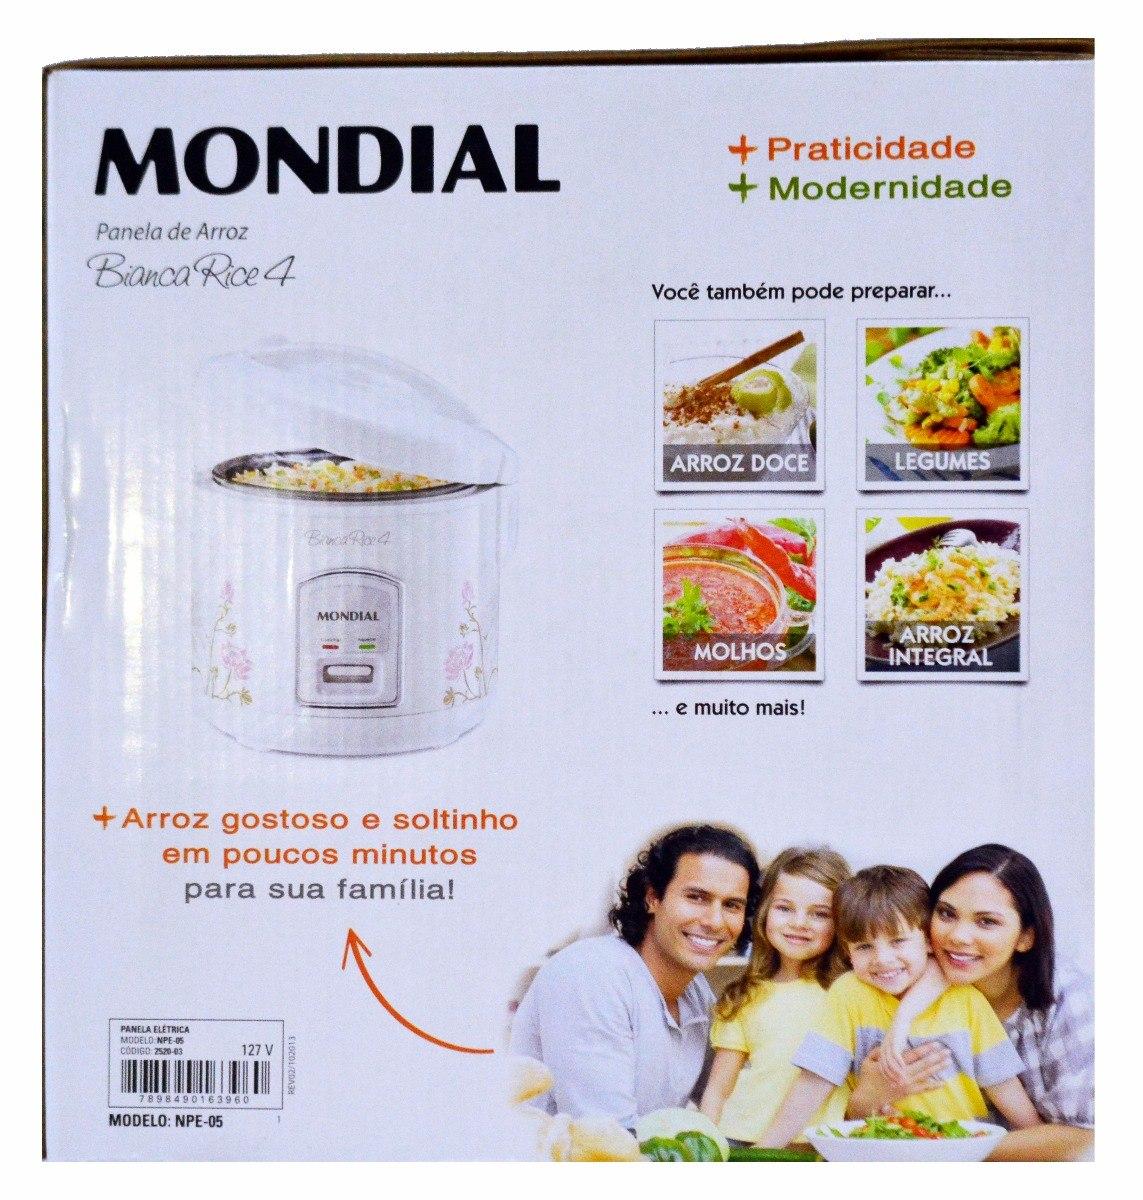 05716cd3e panela de arroz elétrica mondial bianca rice 4 - npe-05 - 1l. Carregando  zoom.